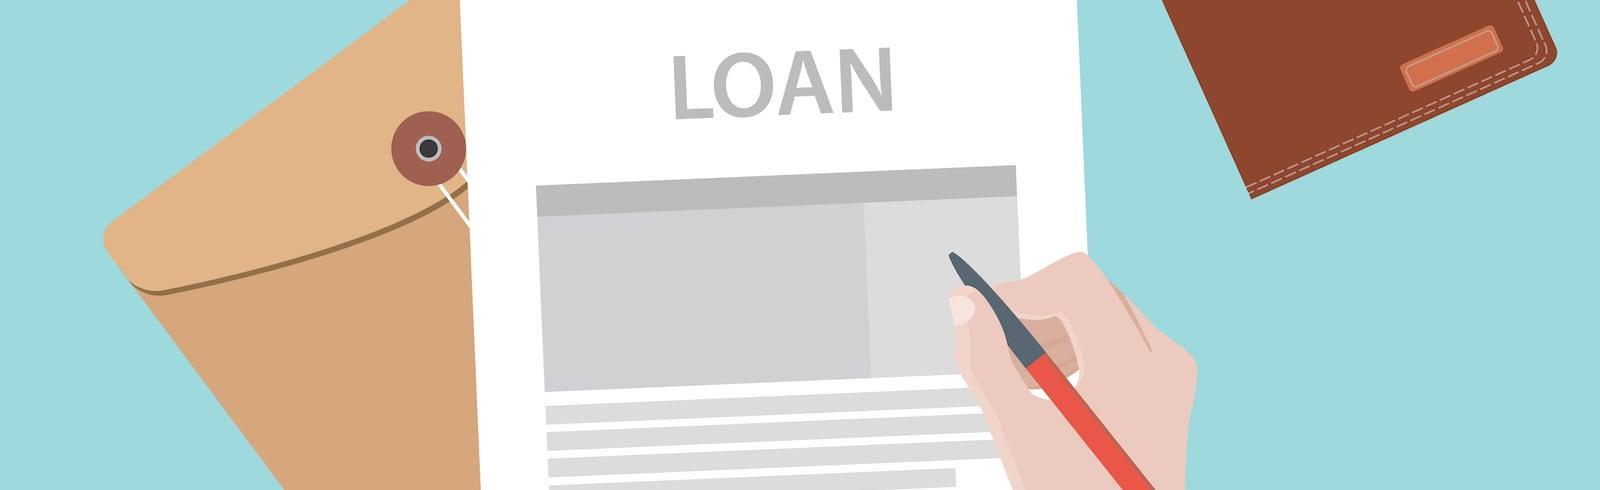 Sg ren vs personal loan